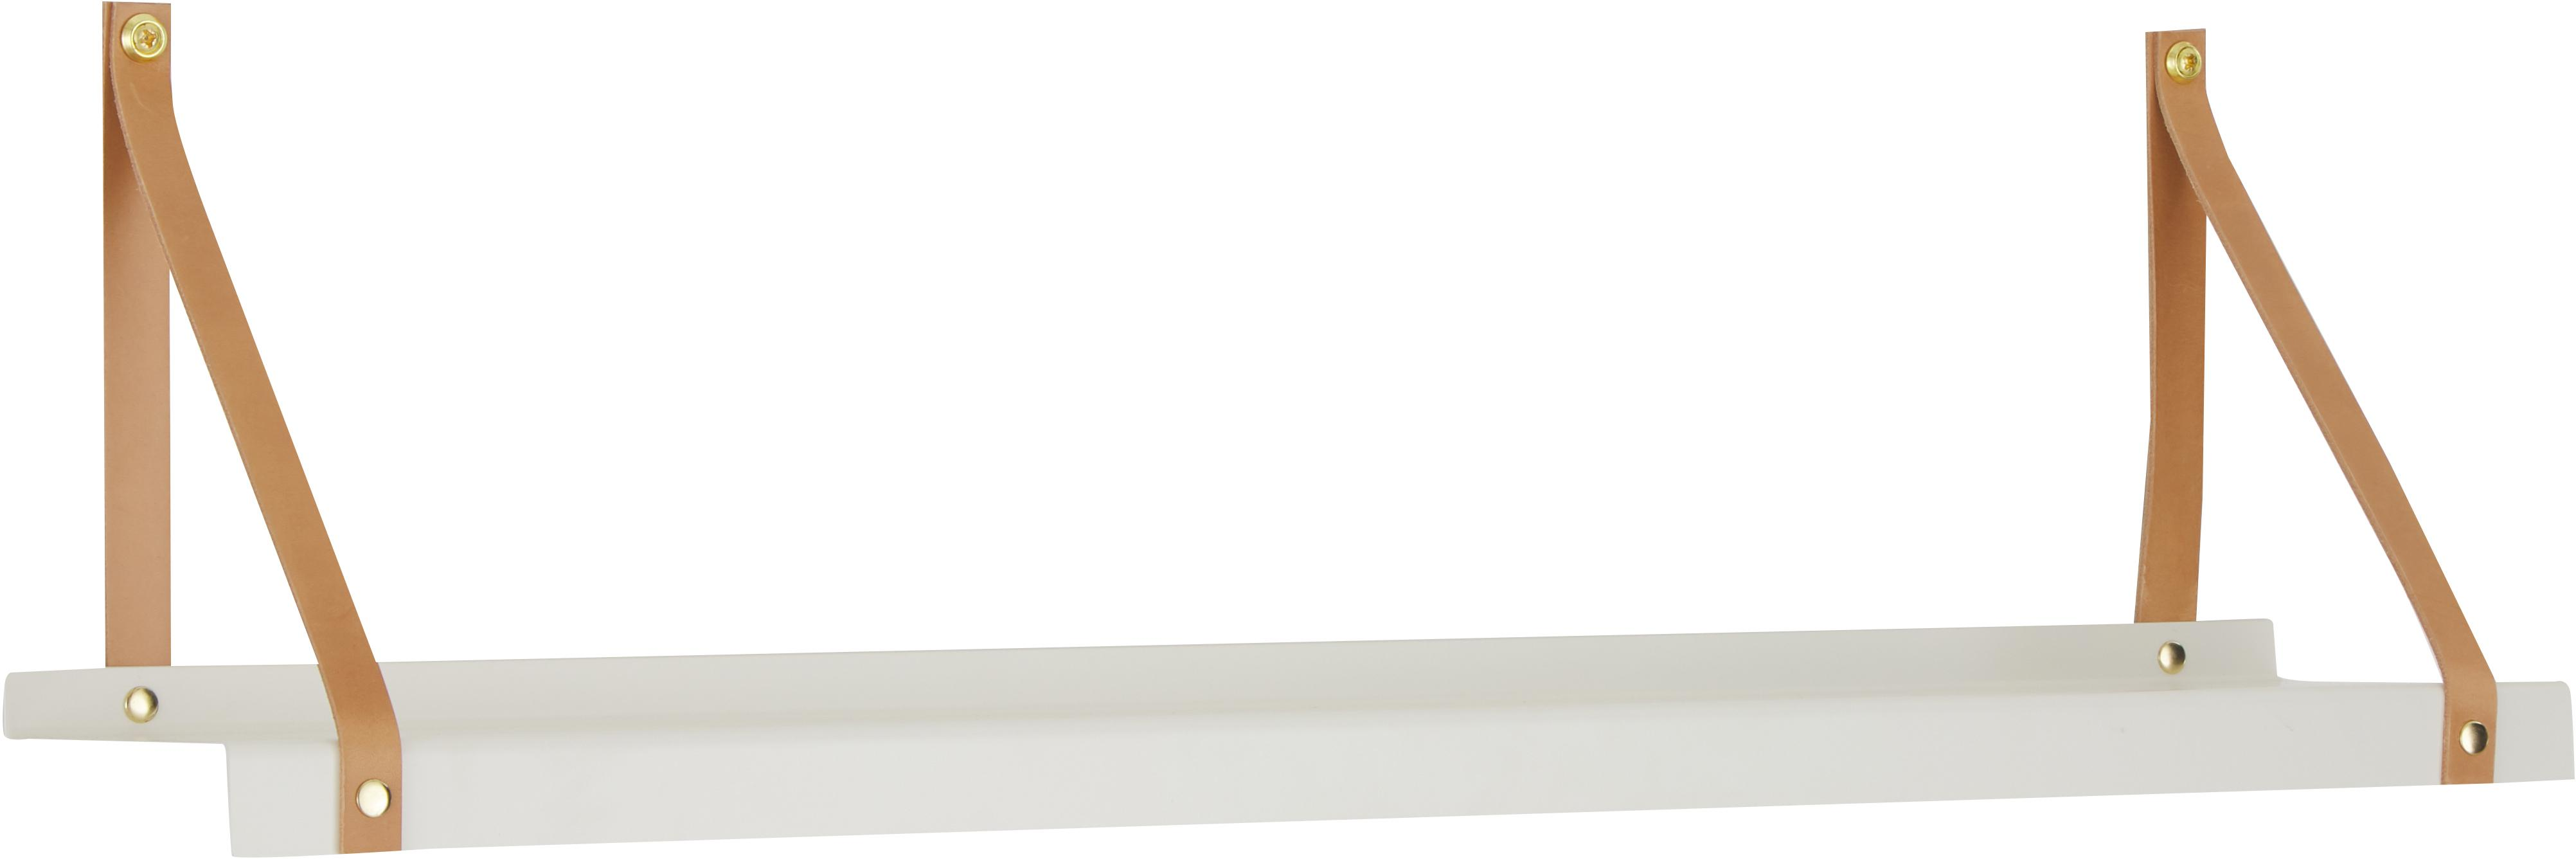 Metall-Wandregal Shelfie mit Lederriemen, Regalbrett: Metall, pulverbeschichtet, Riemen: Leder, Weiß, Braun, B 75 x T 15 cm